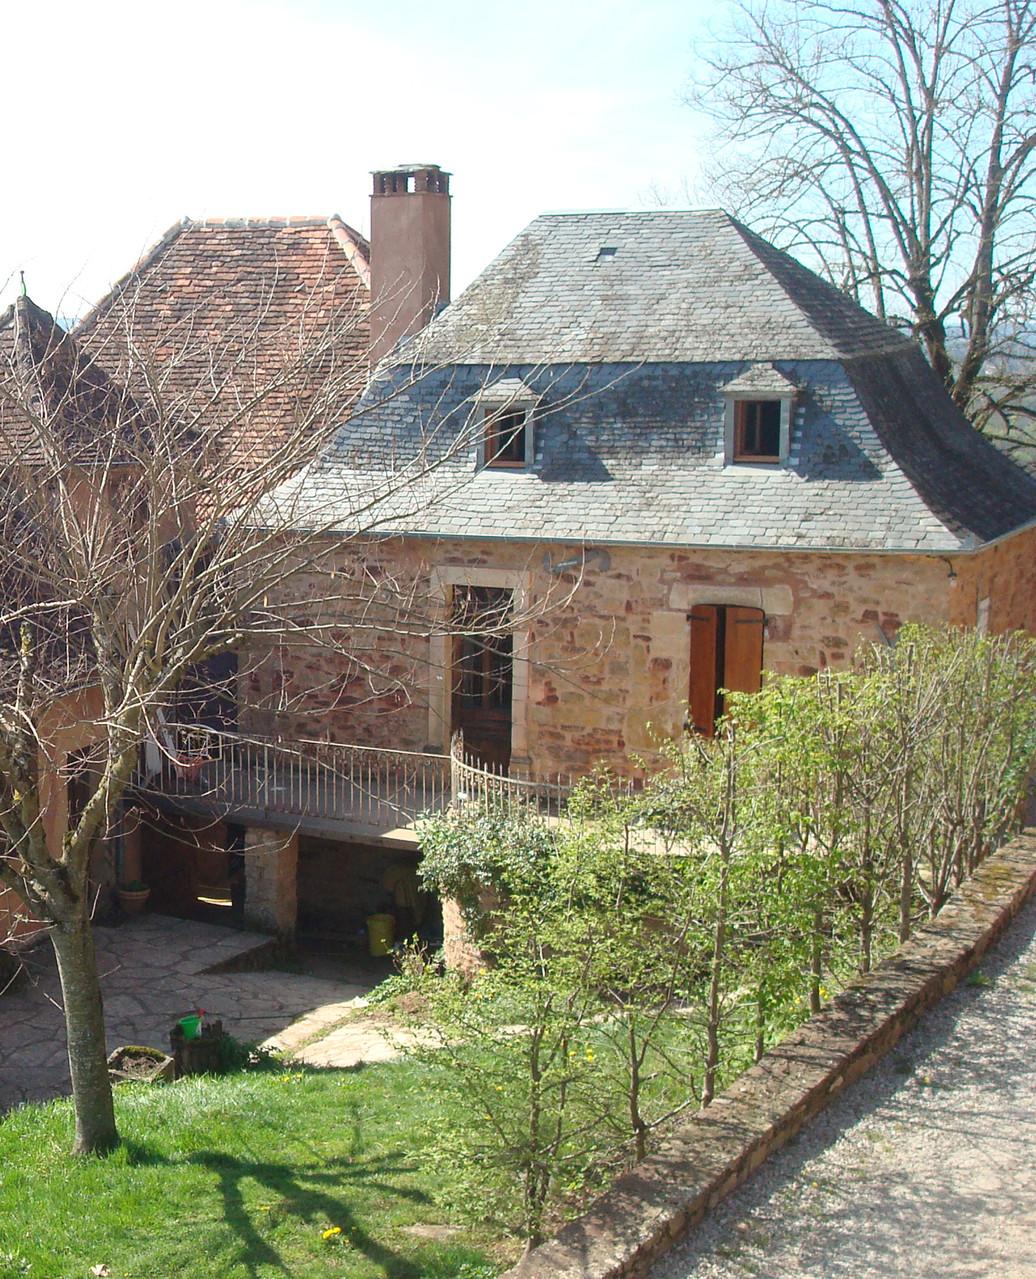 La maison d'ardoises avec sa terrasse